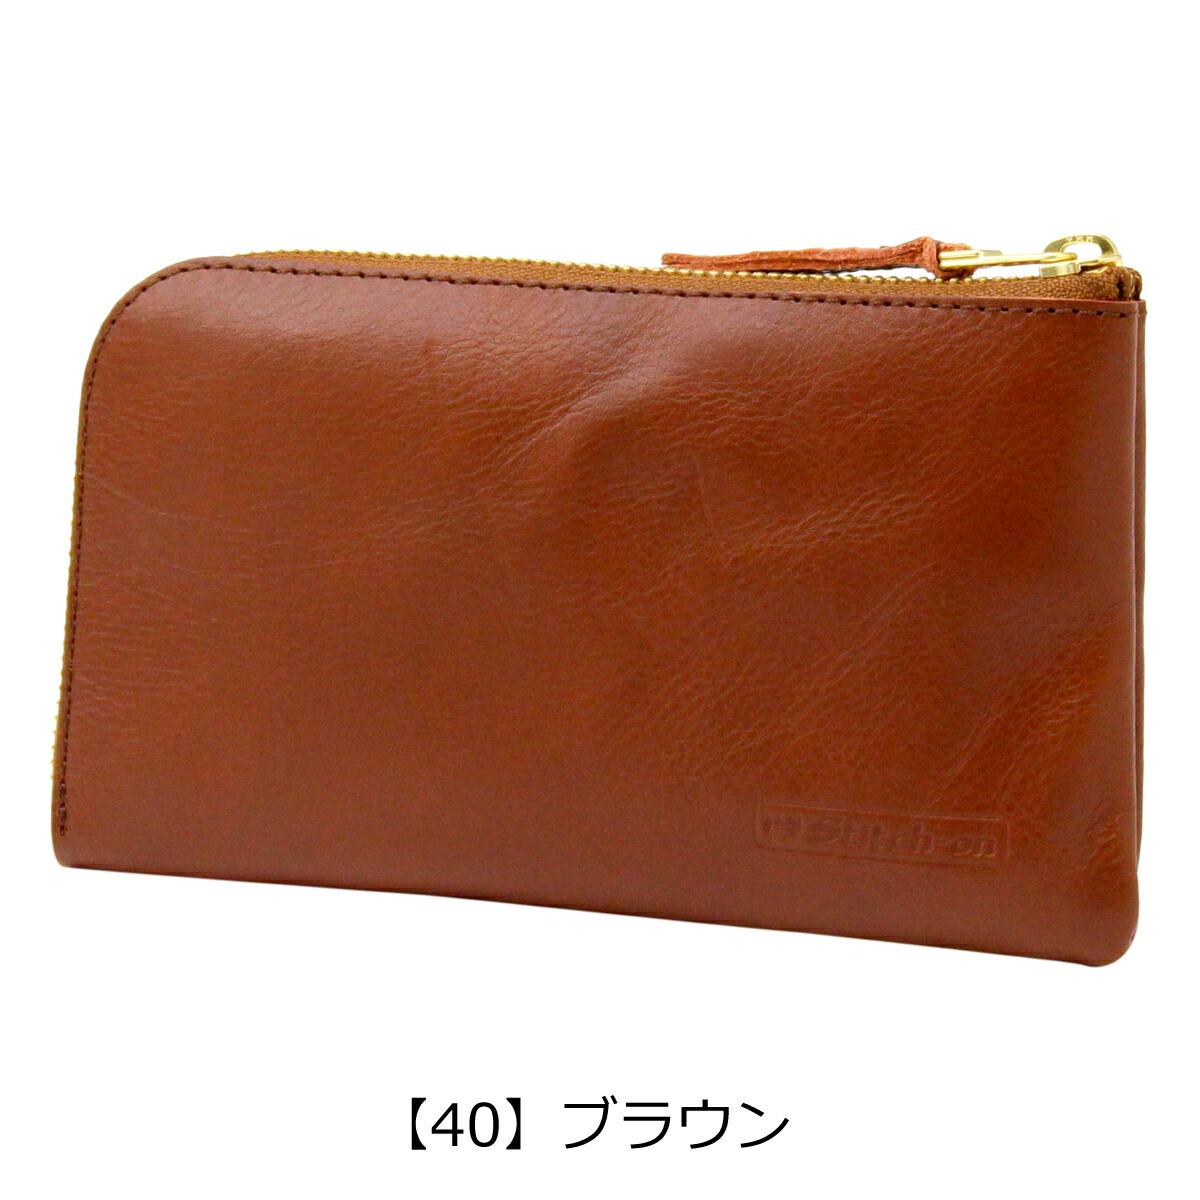 【40】ブラウン